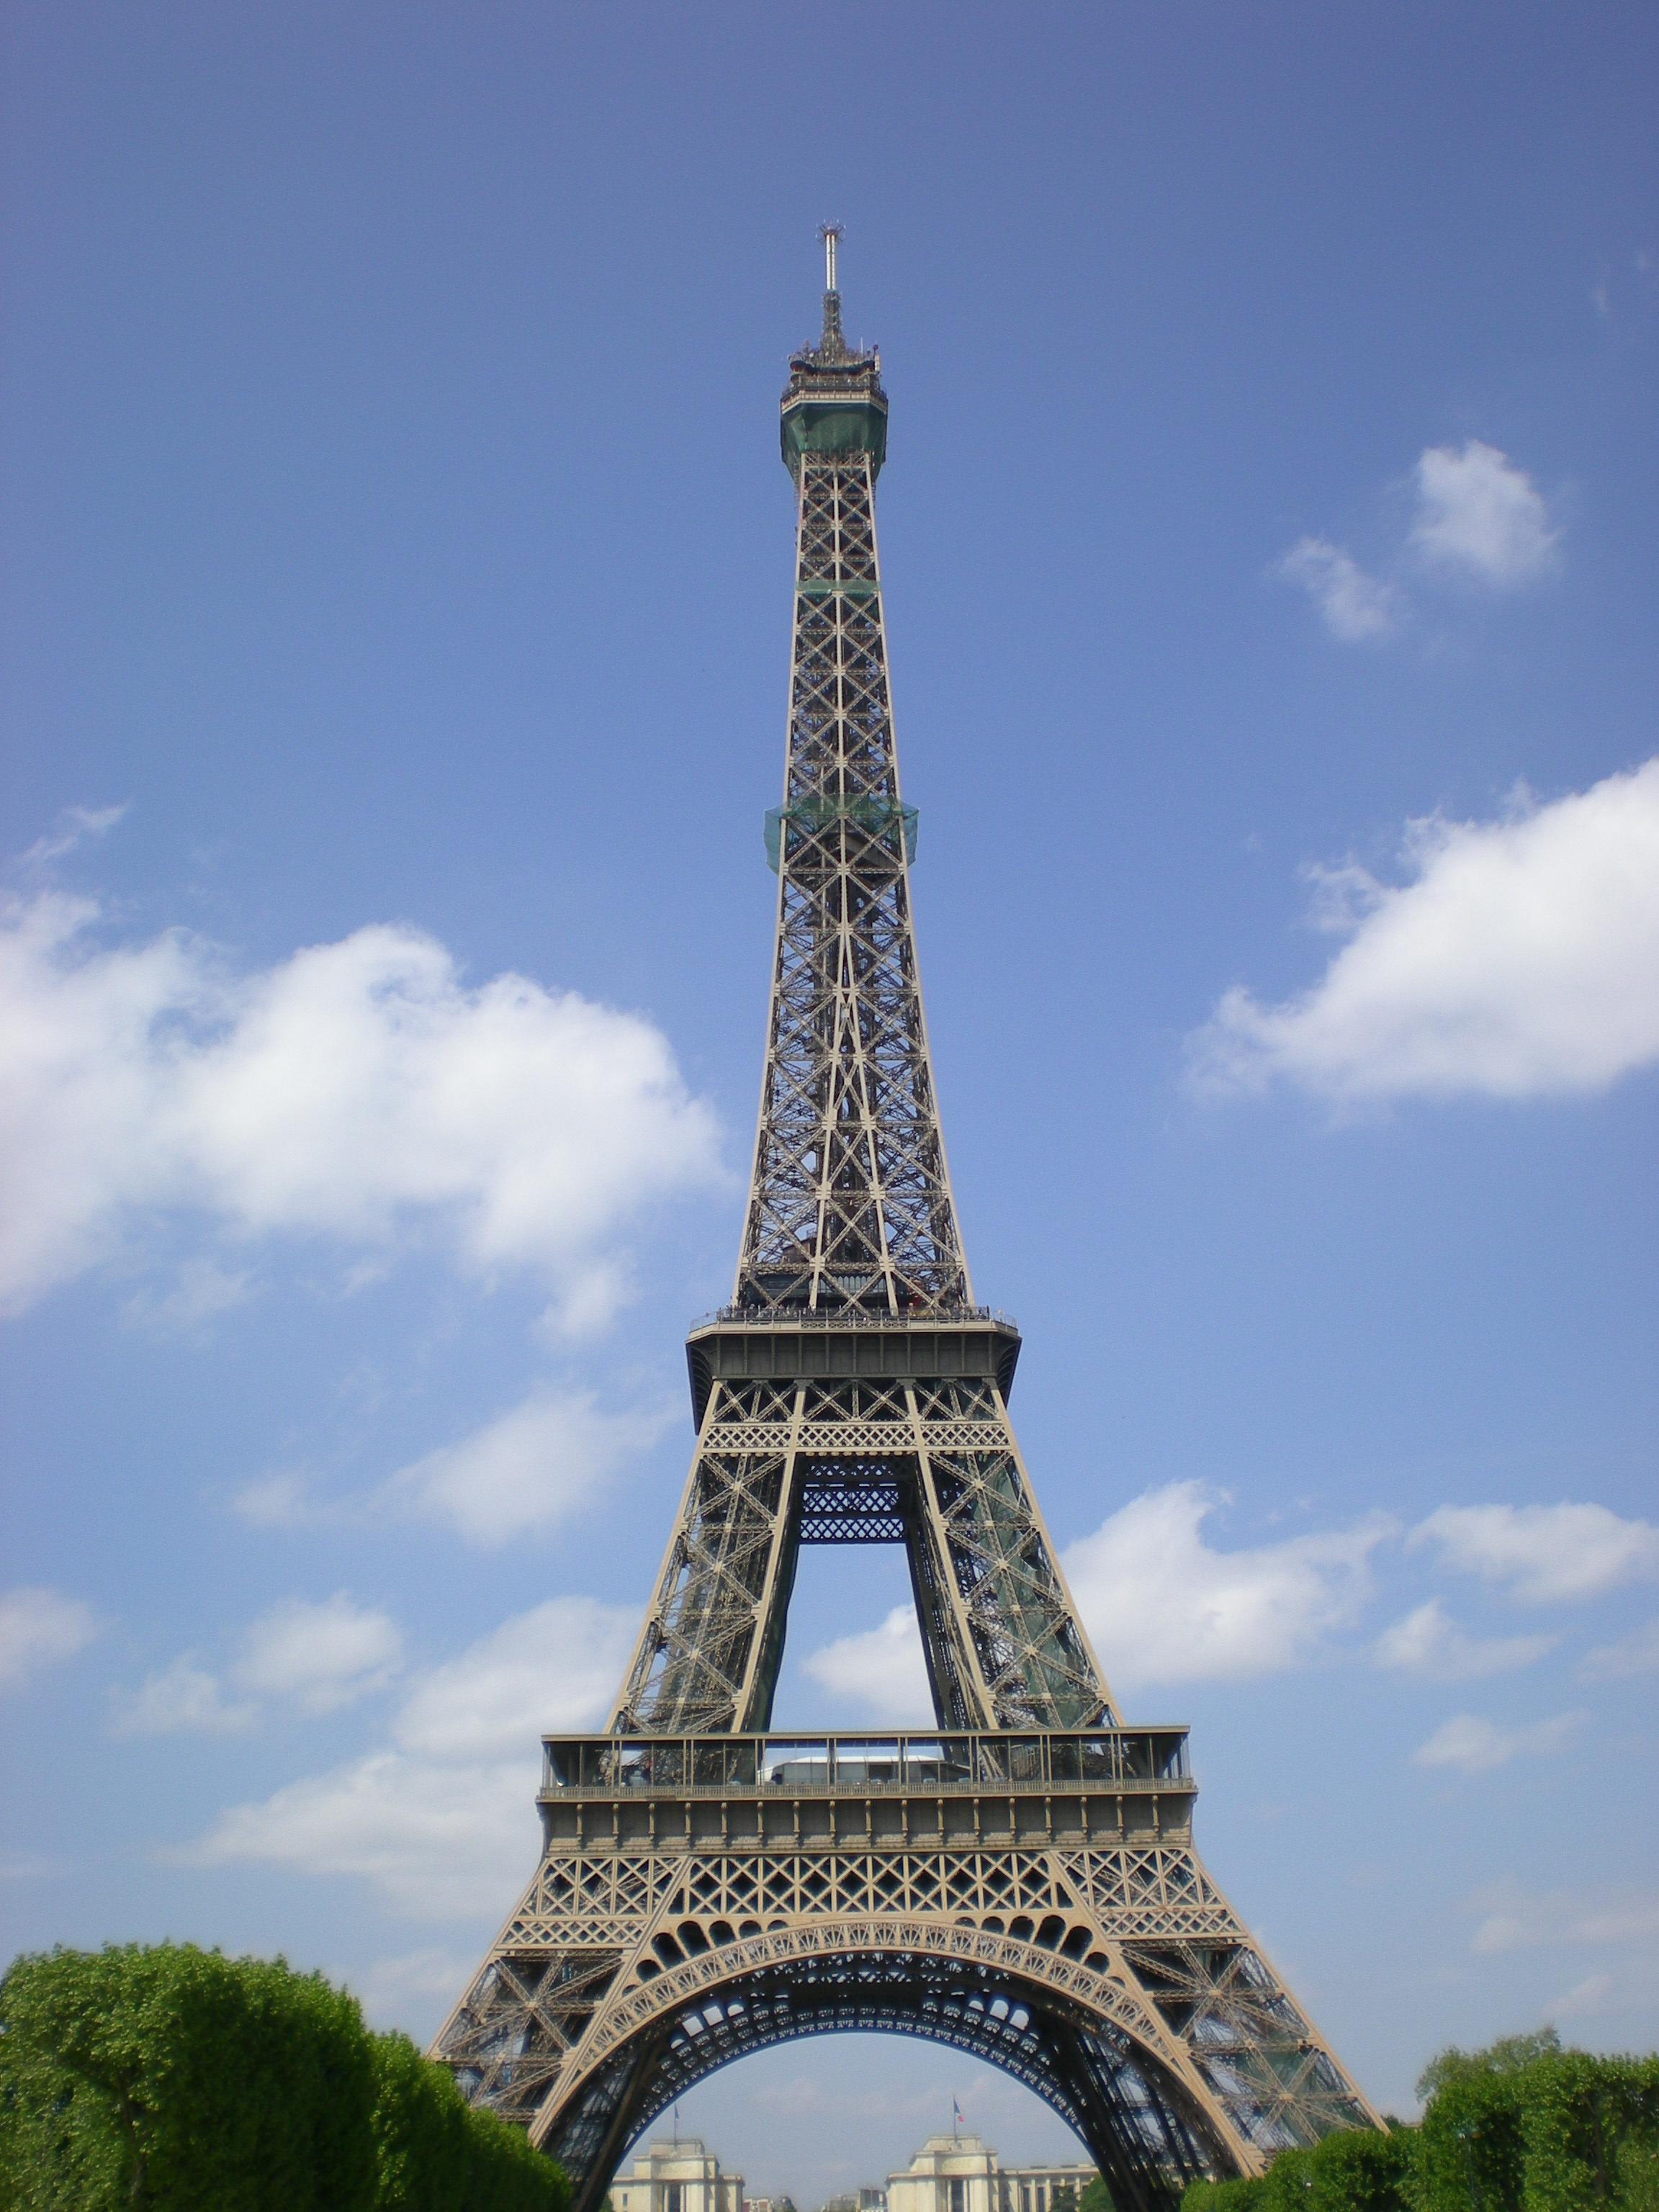 巴黎埃菲尔铁塔; 巴黎埃菲尔铁塔图片素材; >> 户外运动